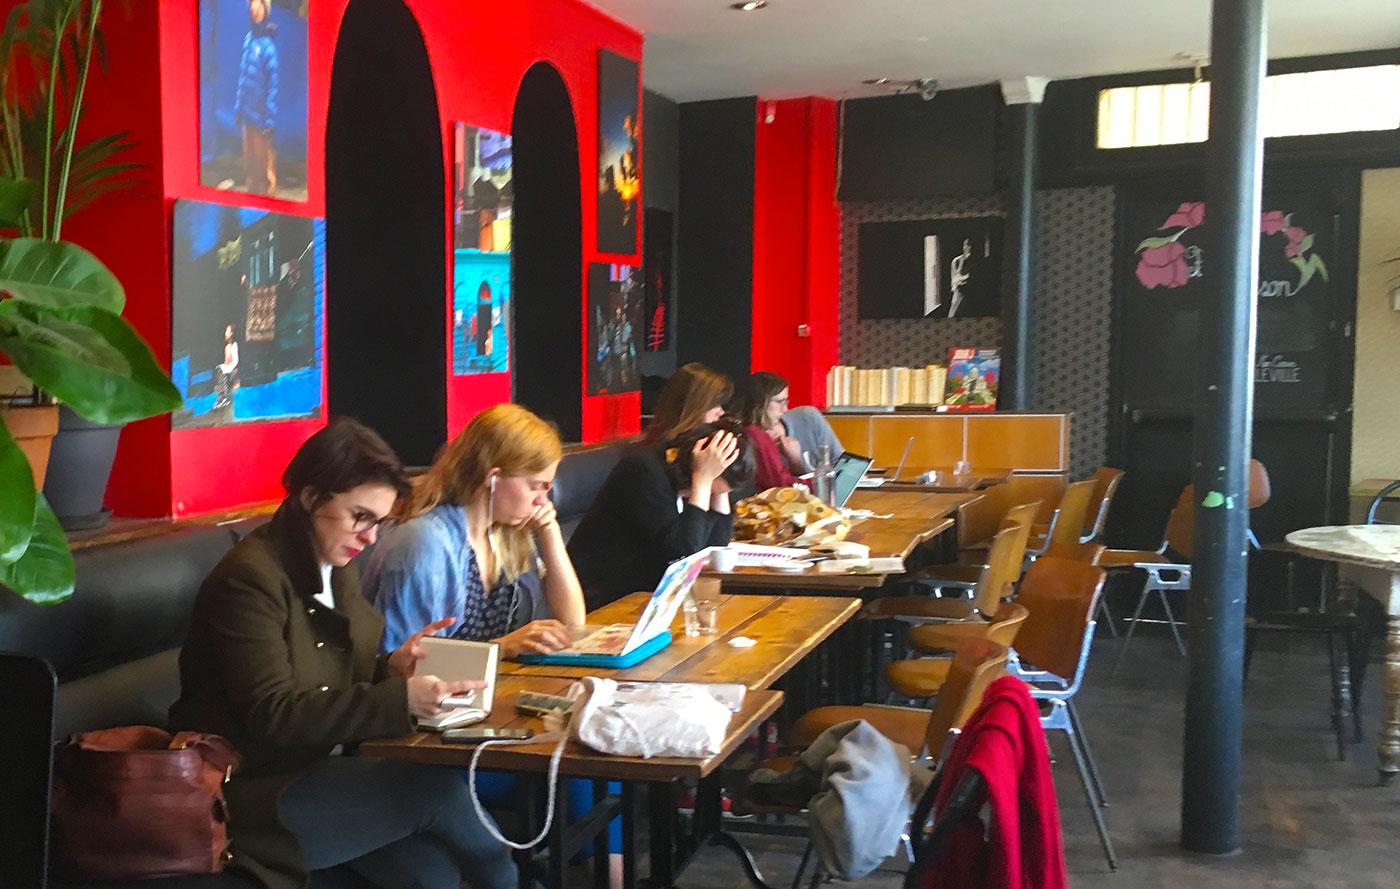 moncoeur-belleville-restaurant-paris-coworking-1